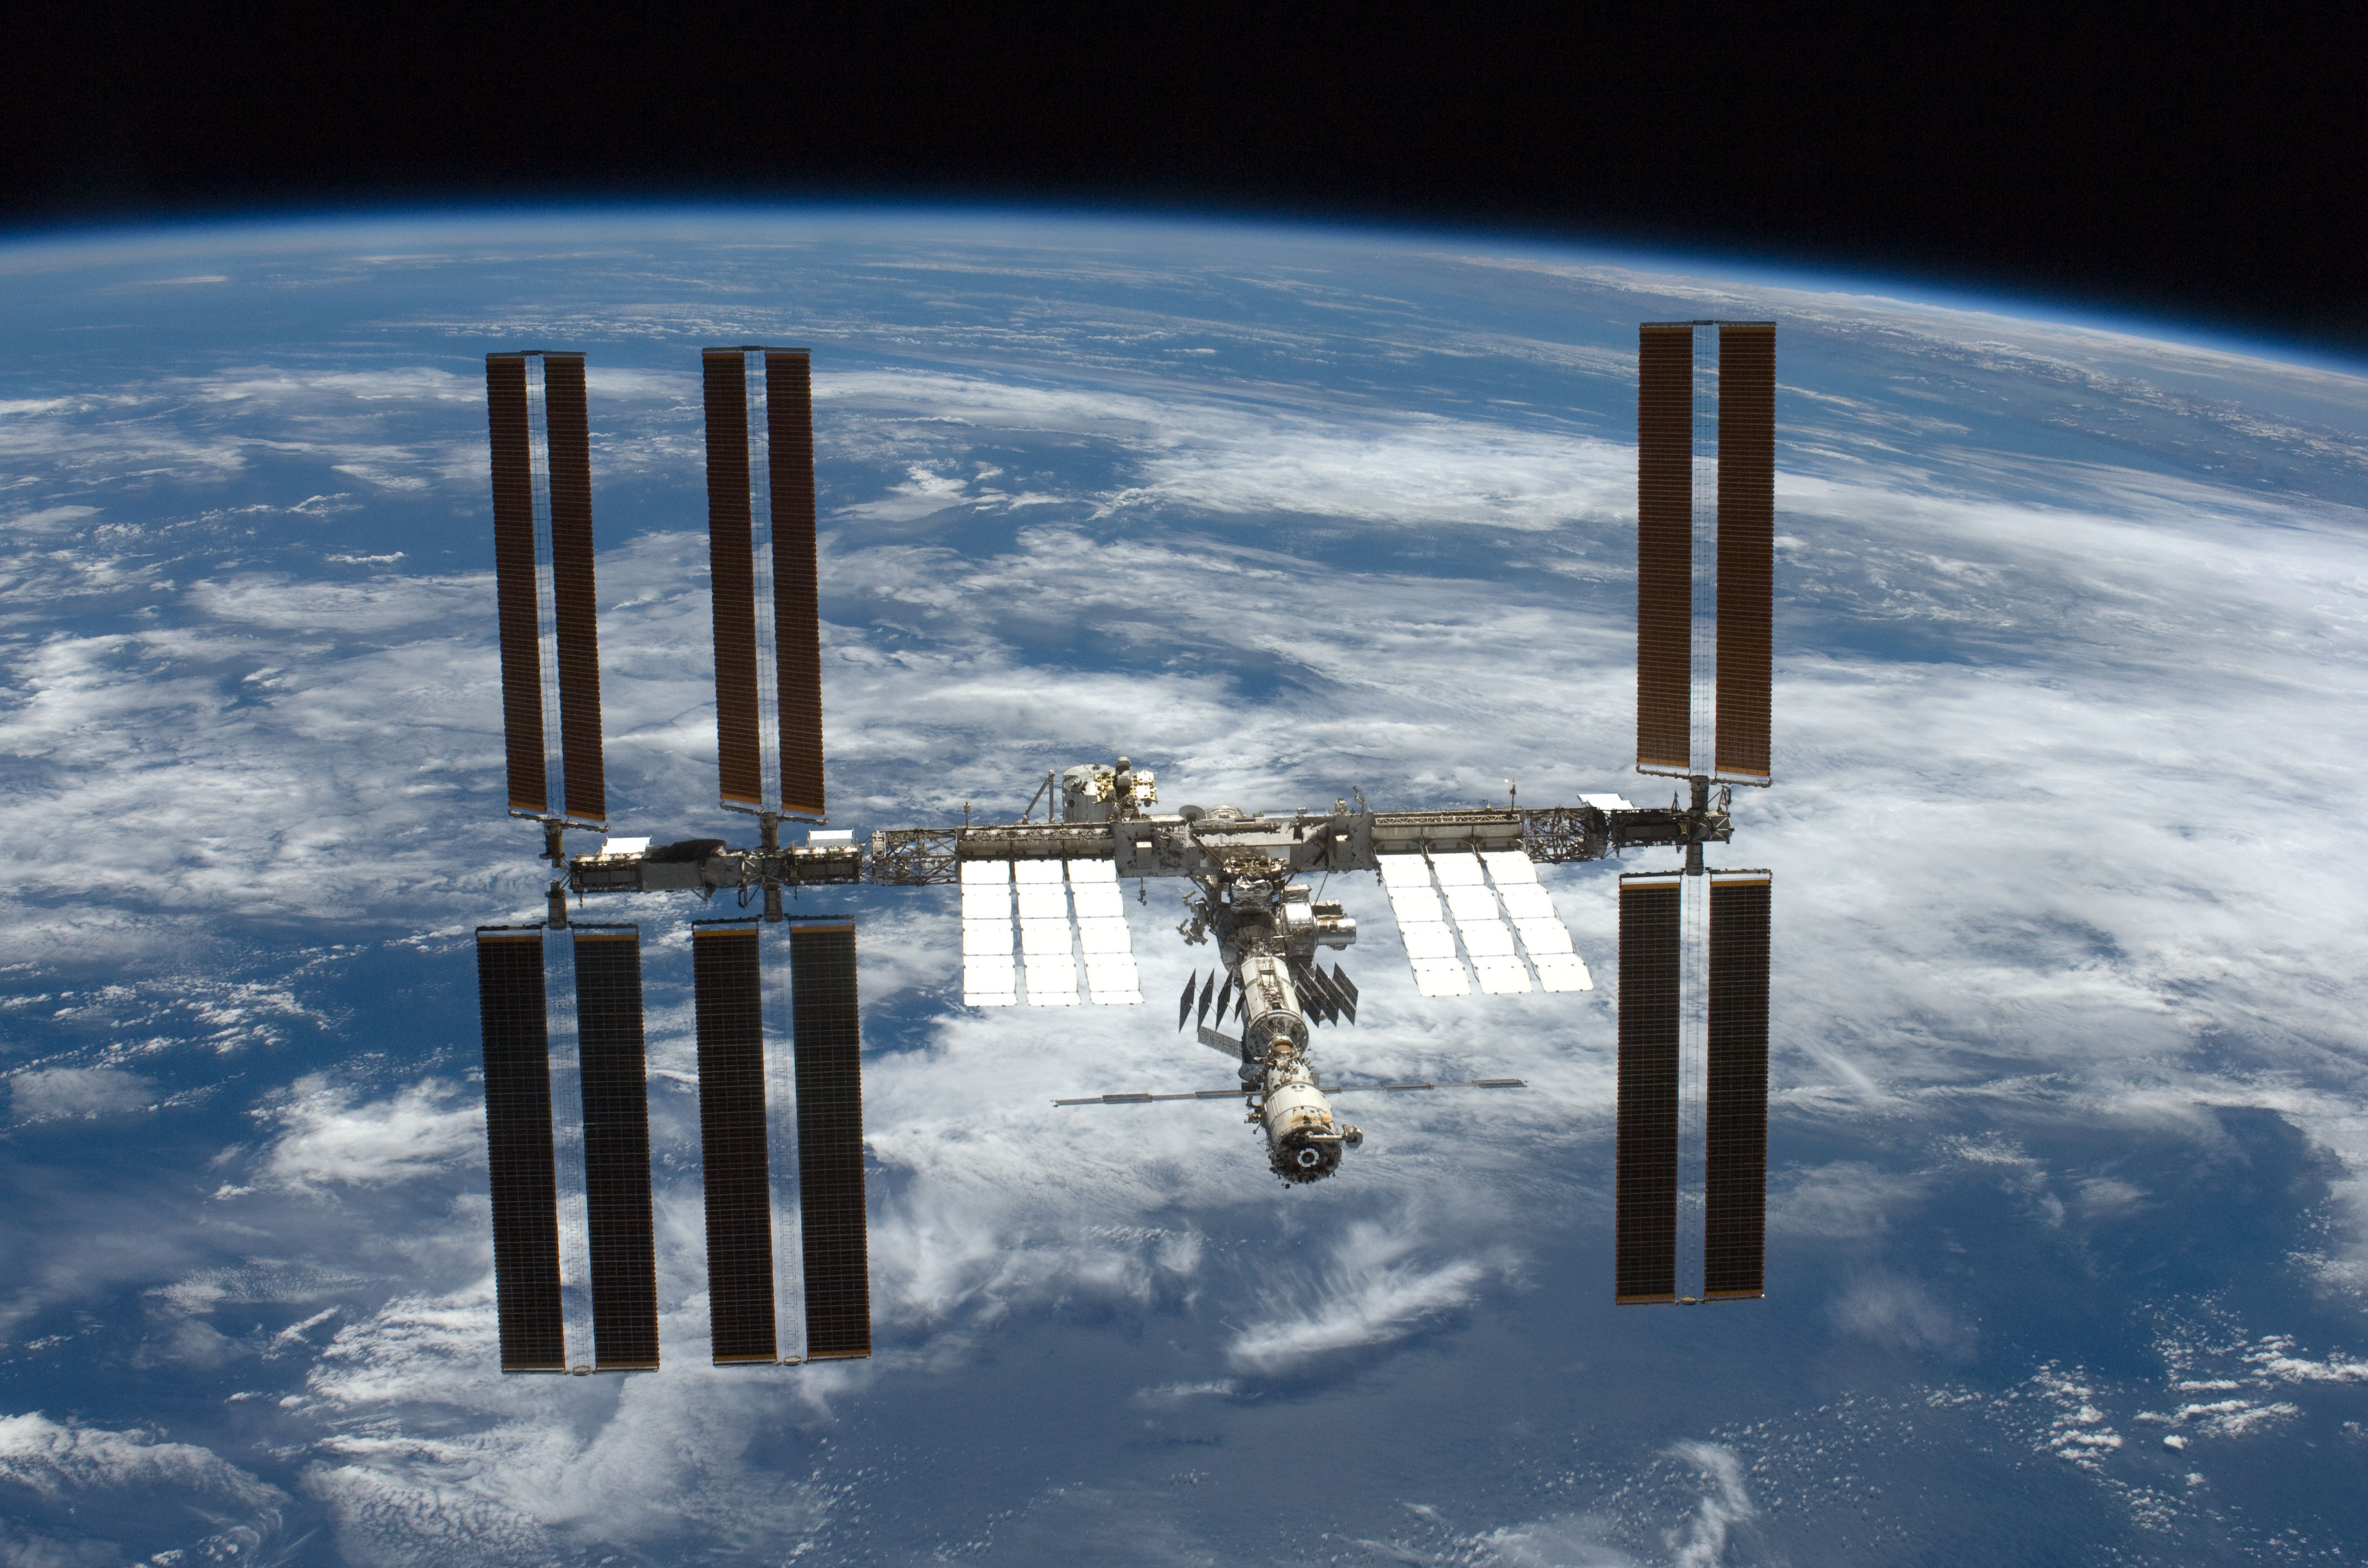 На МКС вышла из строя система удаления углекислого газа